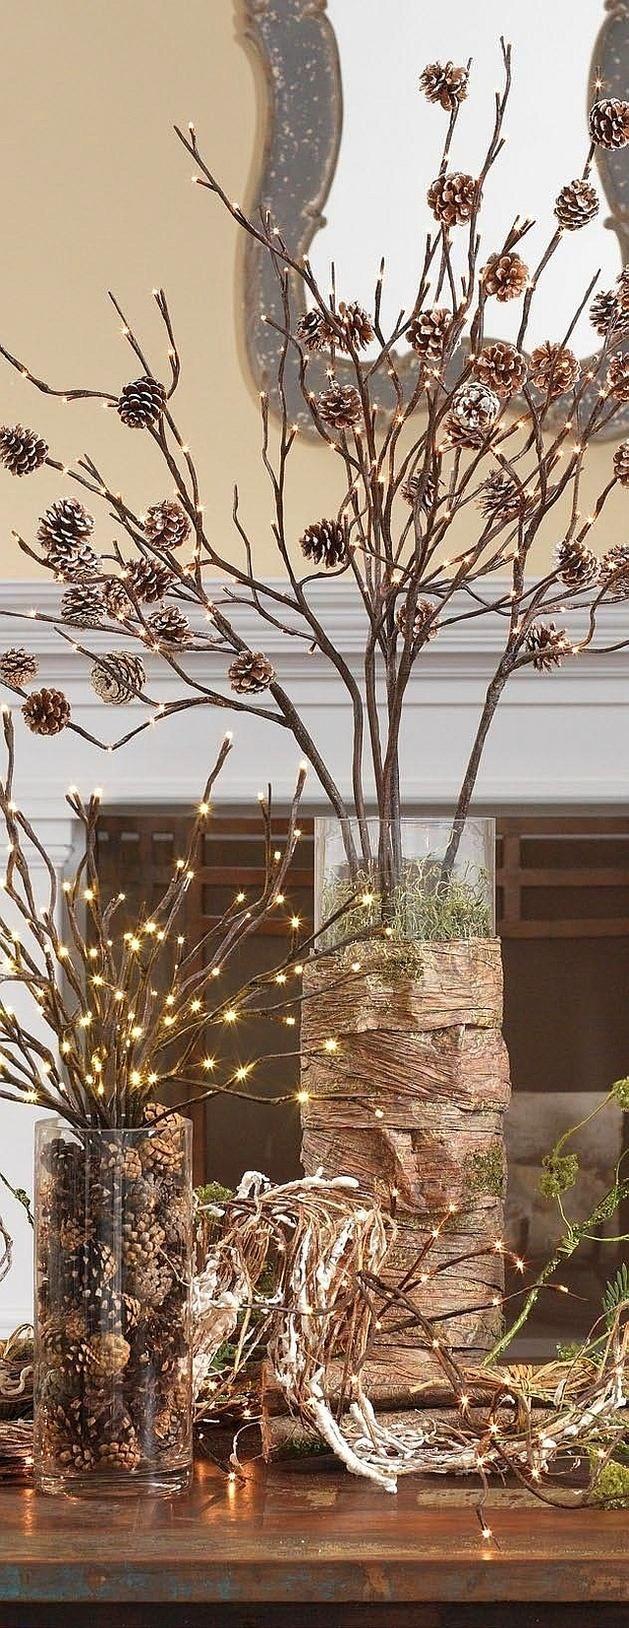 Новогодние поделки своими руками: 25 простых идей из еловых шишек